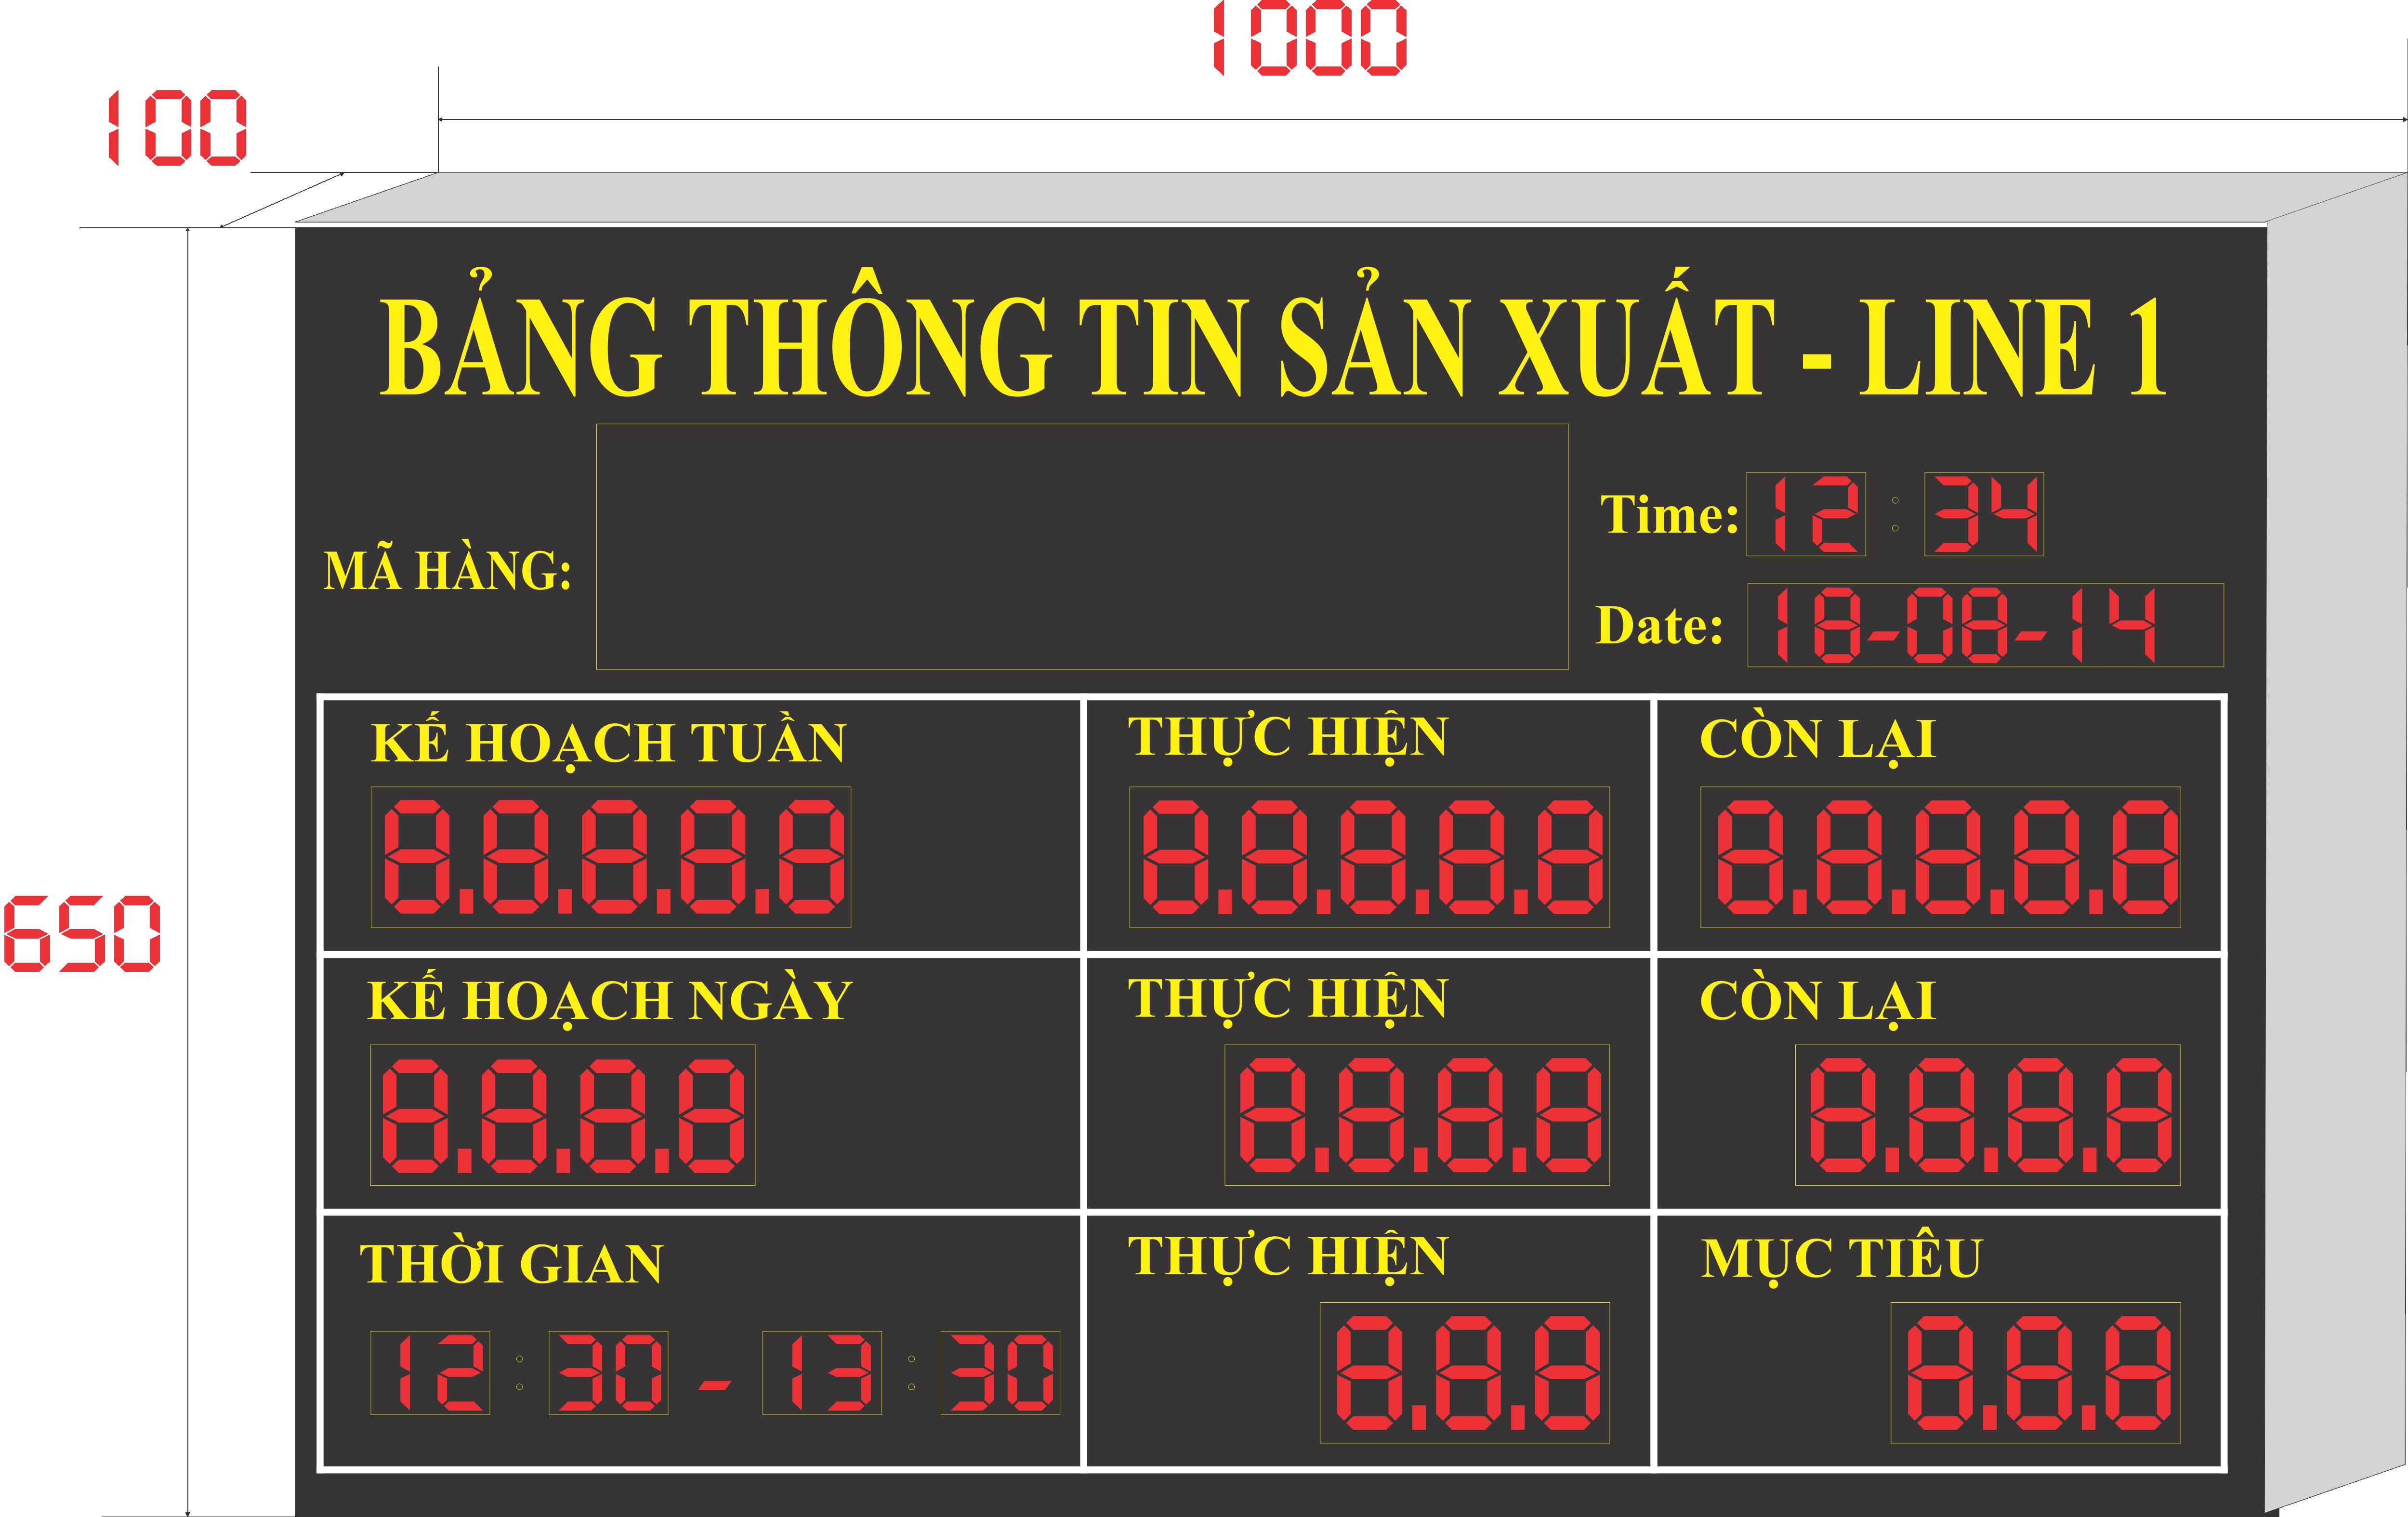 Bang led dien tu hien thi thong tin san xuat cho cong ty may